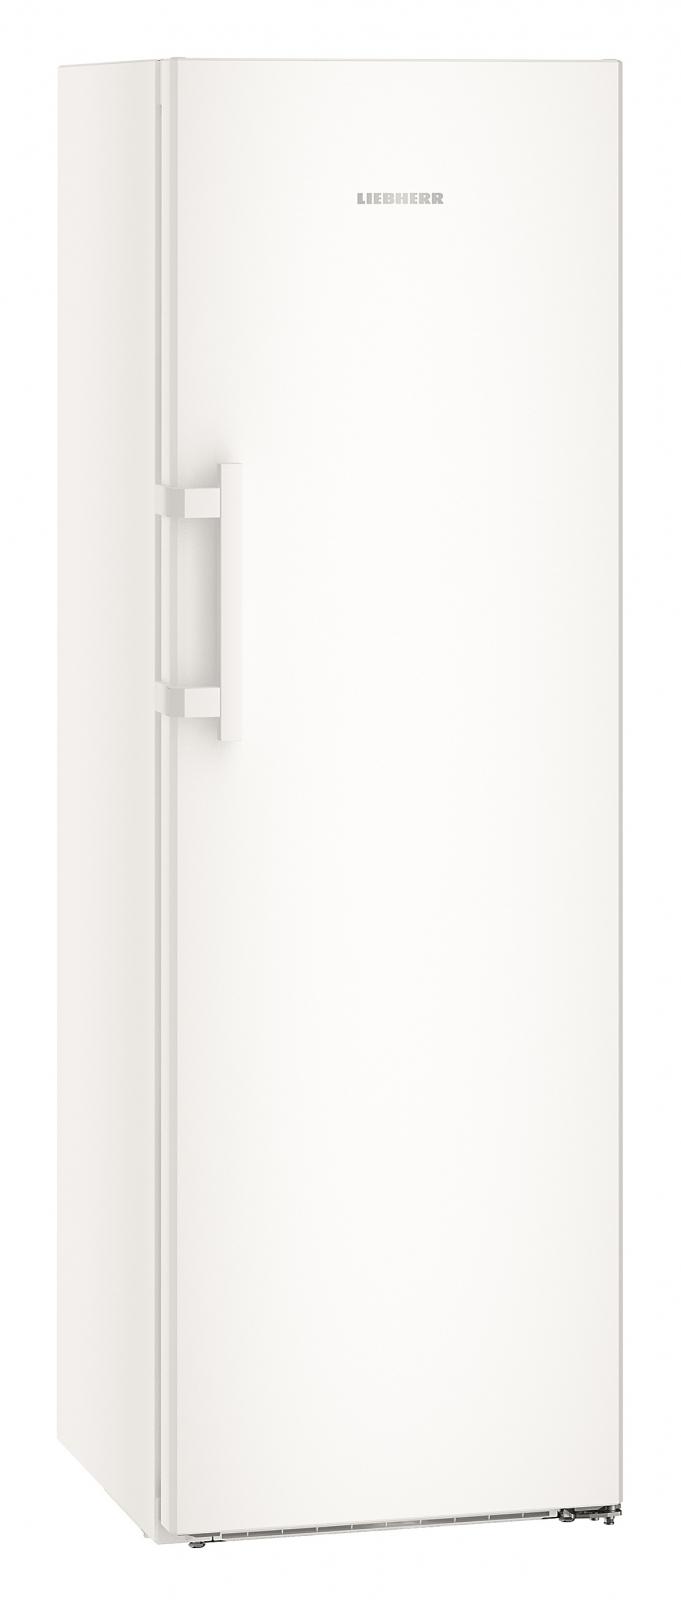 купить Однокамерный холодильник Liebherr KBP 4354 Украина фото 1